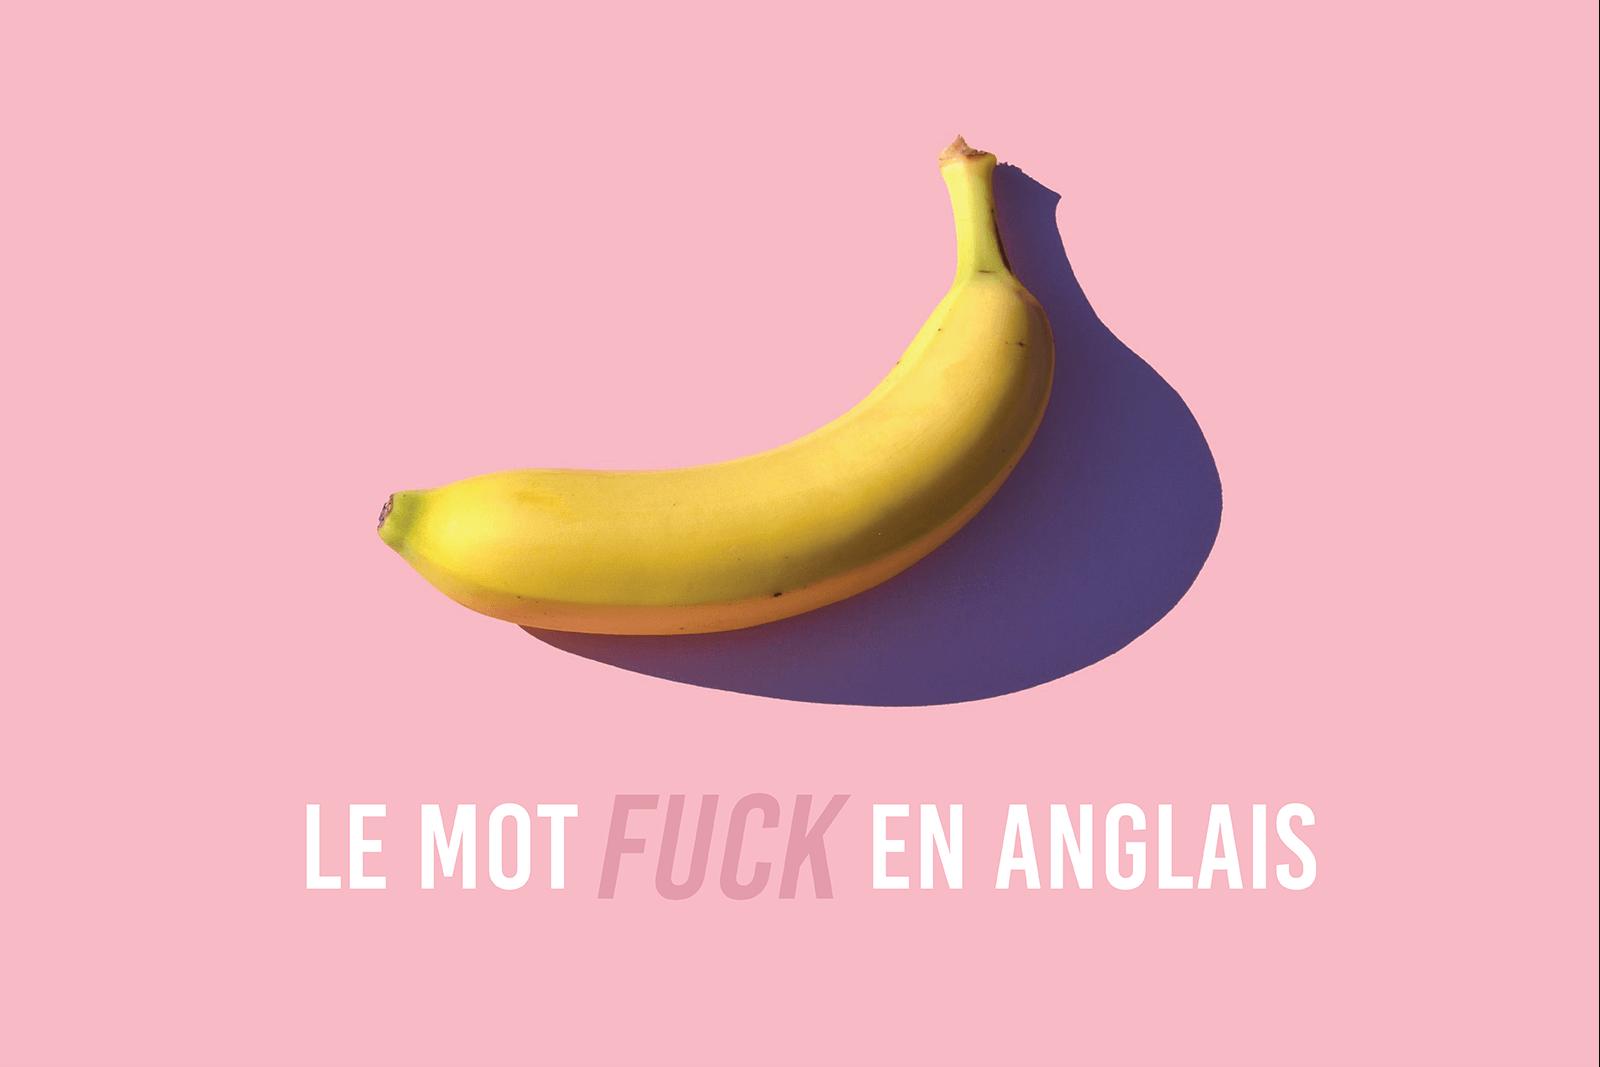 Le mot fuck en anglais